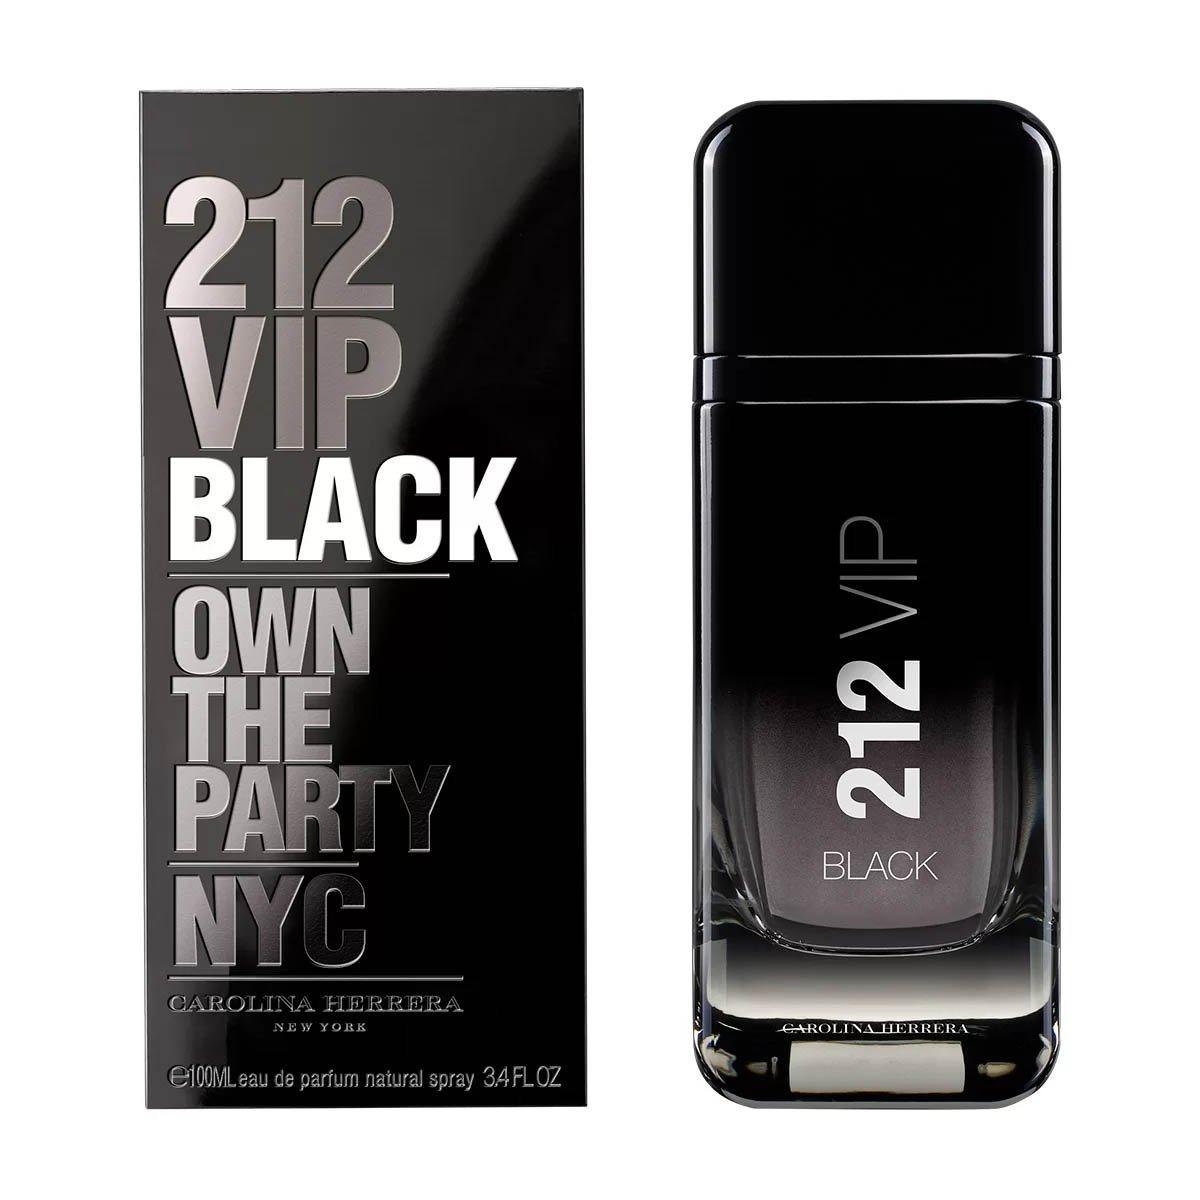 perfume carolina herrera 212 vip black masculino edp 100ml 51436 2000 204145 1